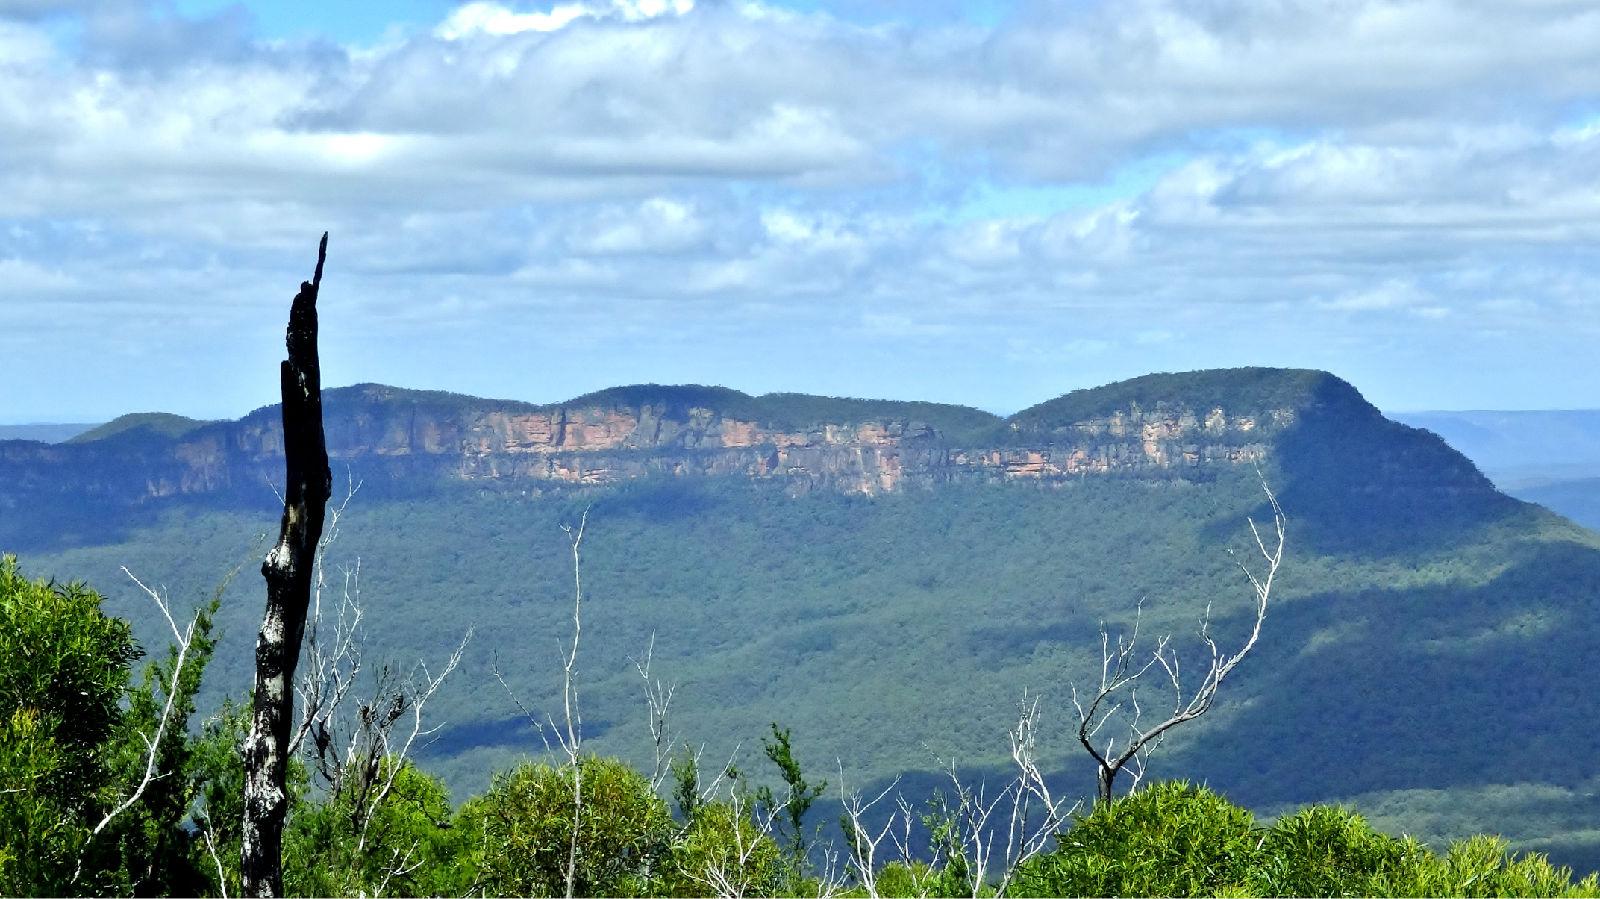 澳大利亚旅游攻略图片407